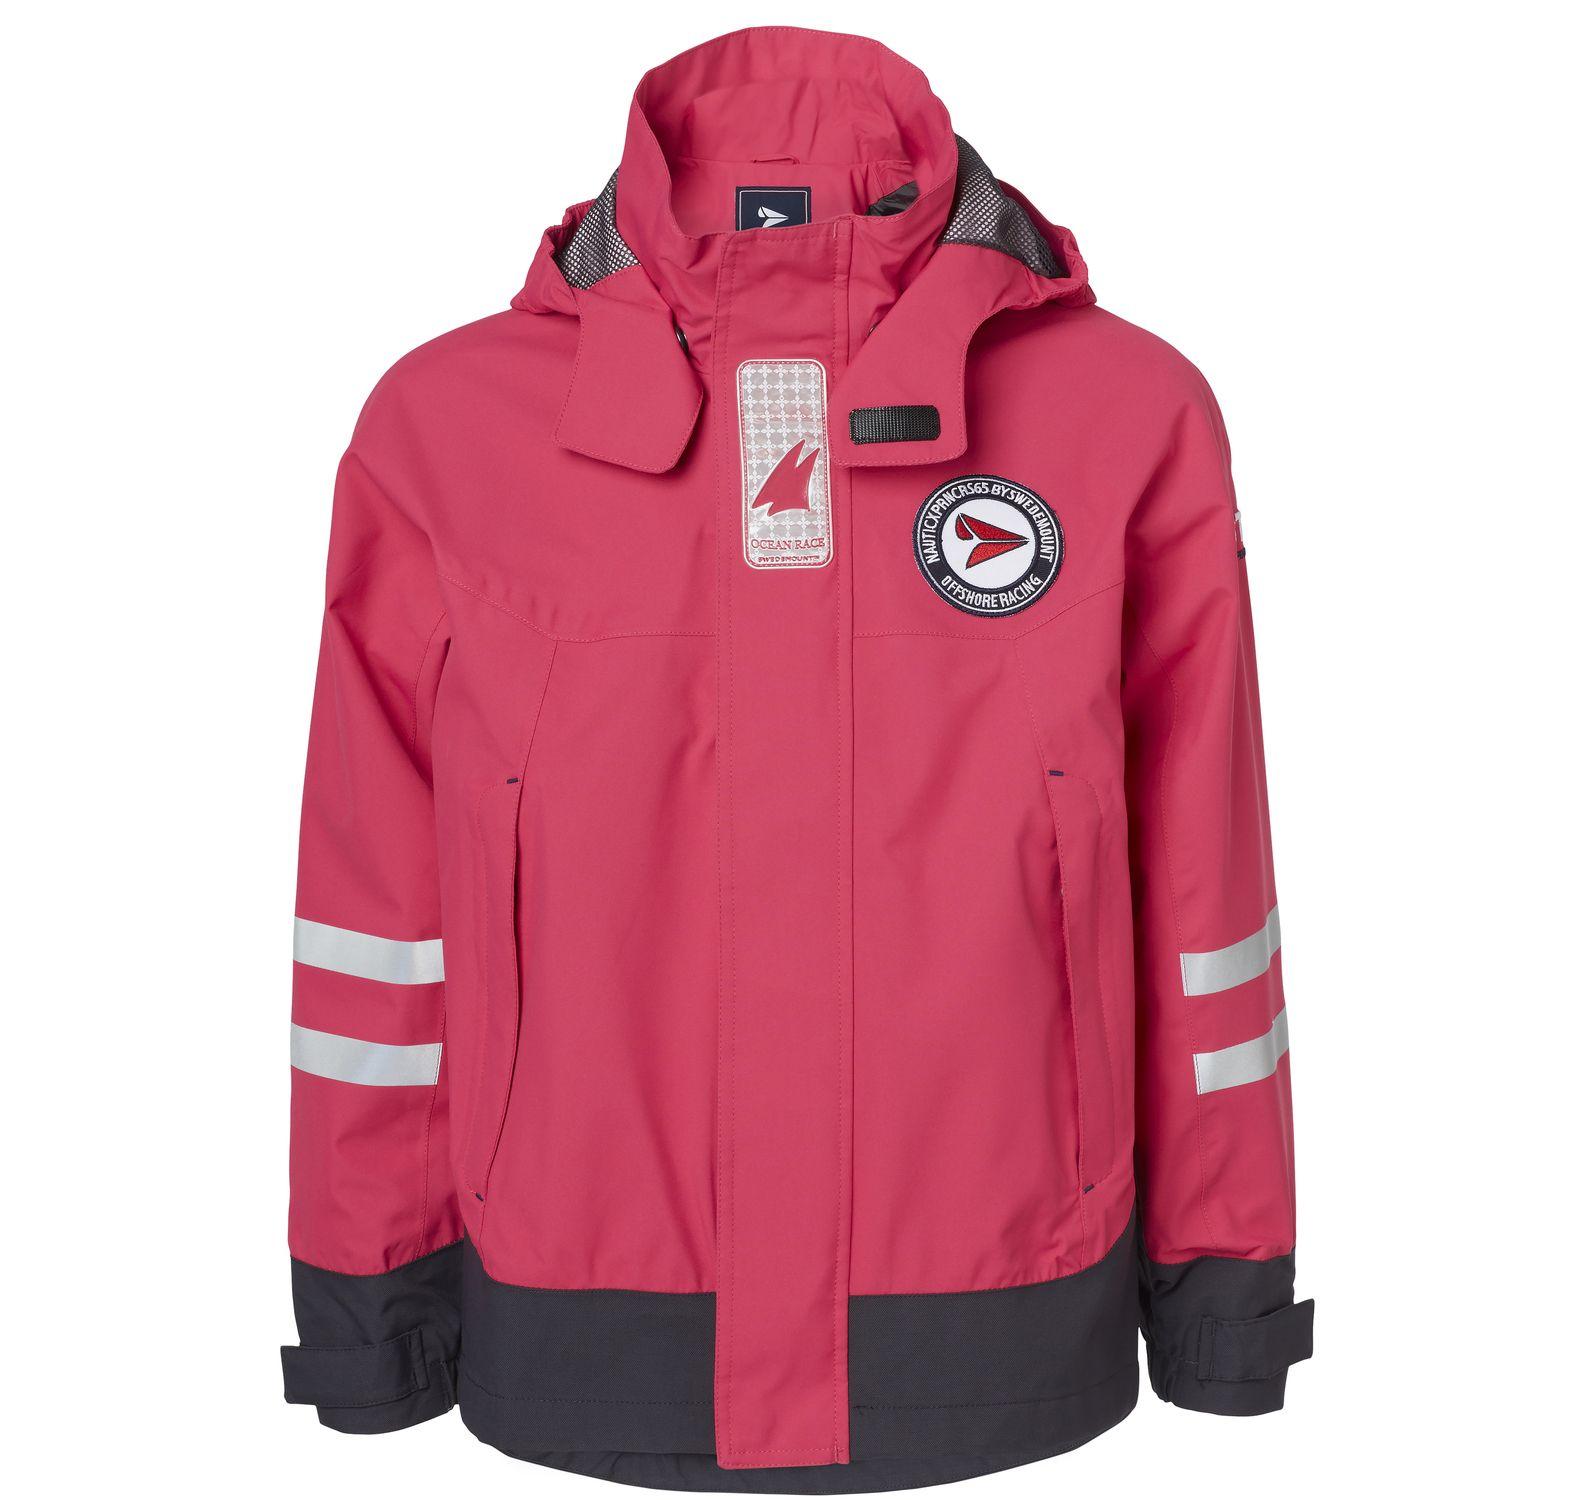 latitude jacket jr, dk pink, 120, regnkläder